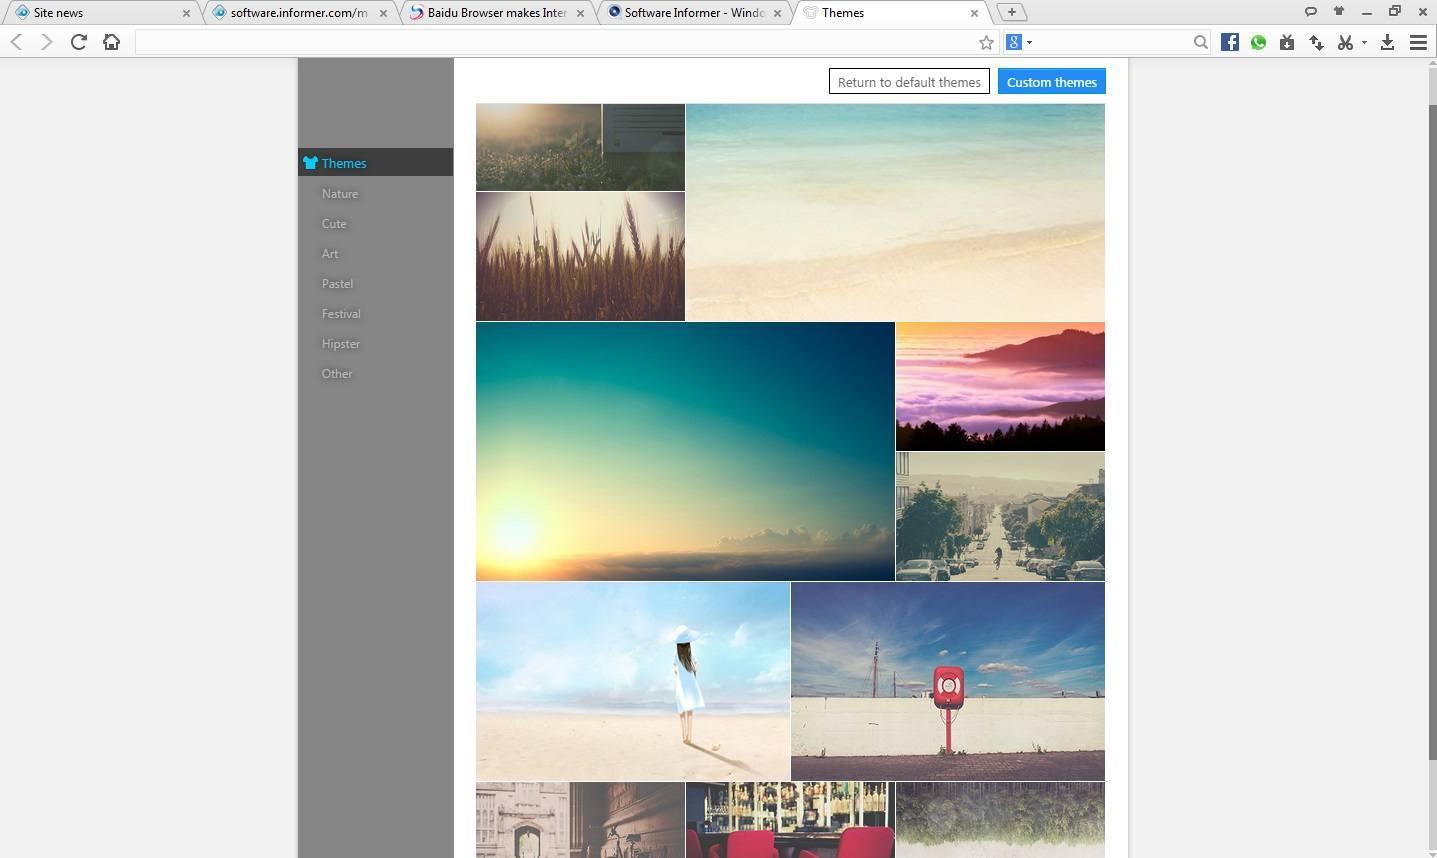 Baidu Browser Themes window